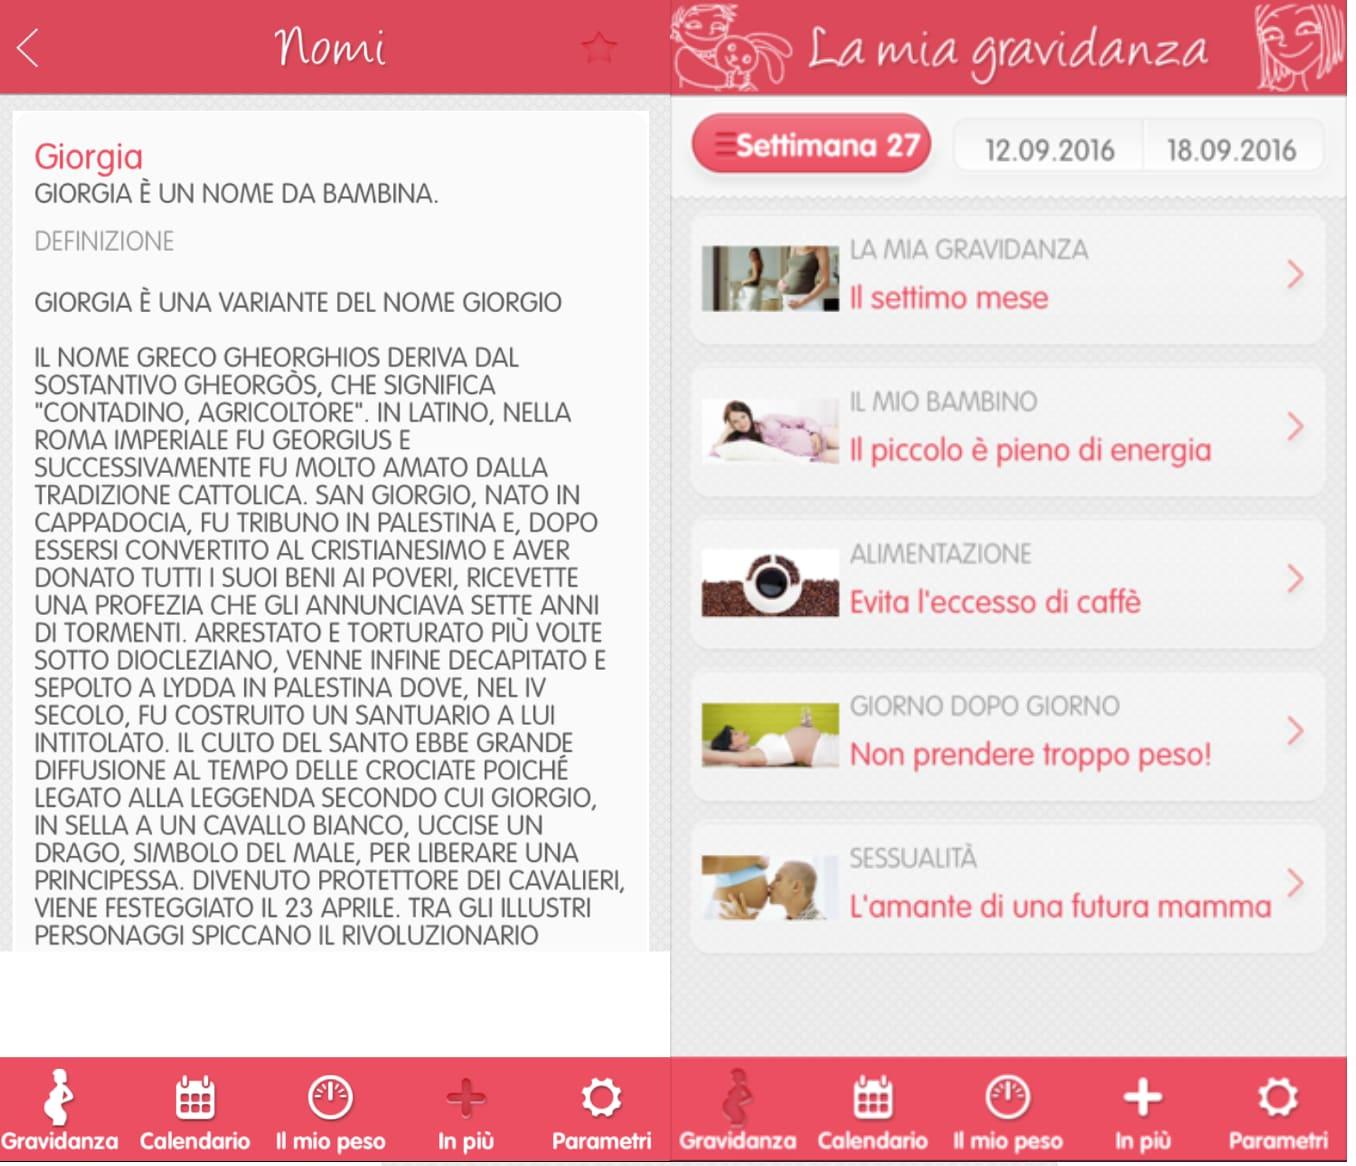 Calendario Maternita.Gravidanza 8 App Da Scaricare Sullo Smartphone